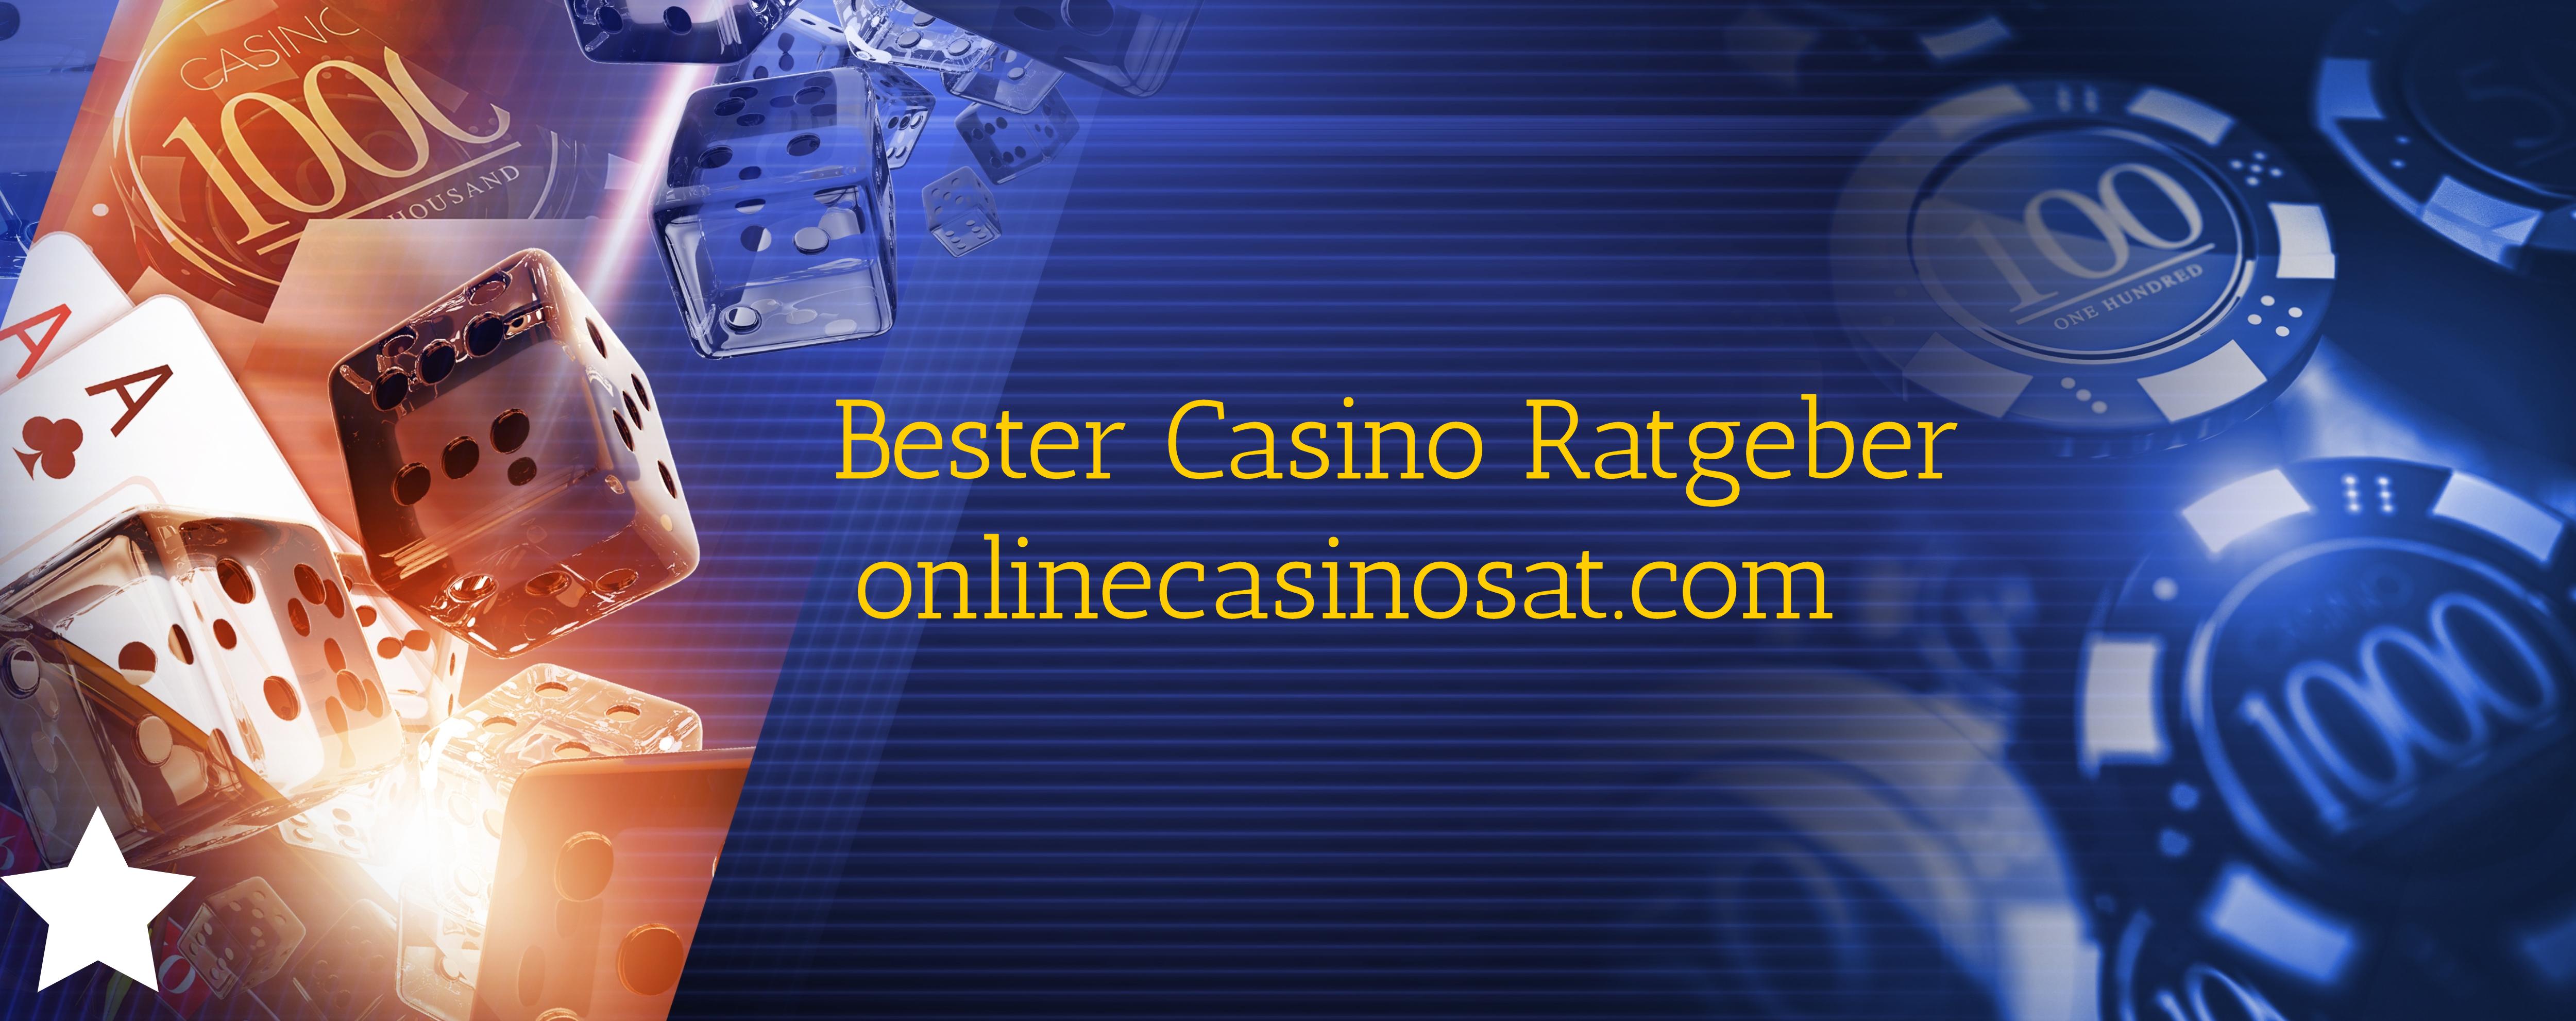 Online Casino Bonus Ohne Einzahlung Г¶sterreich